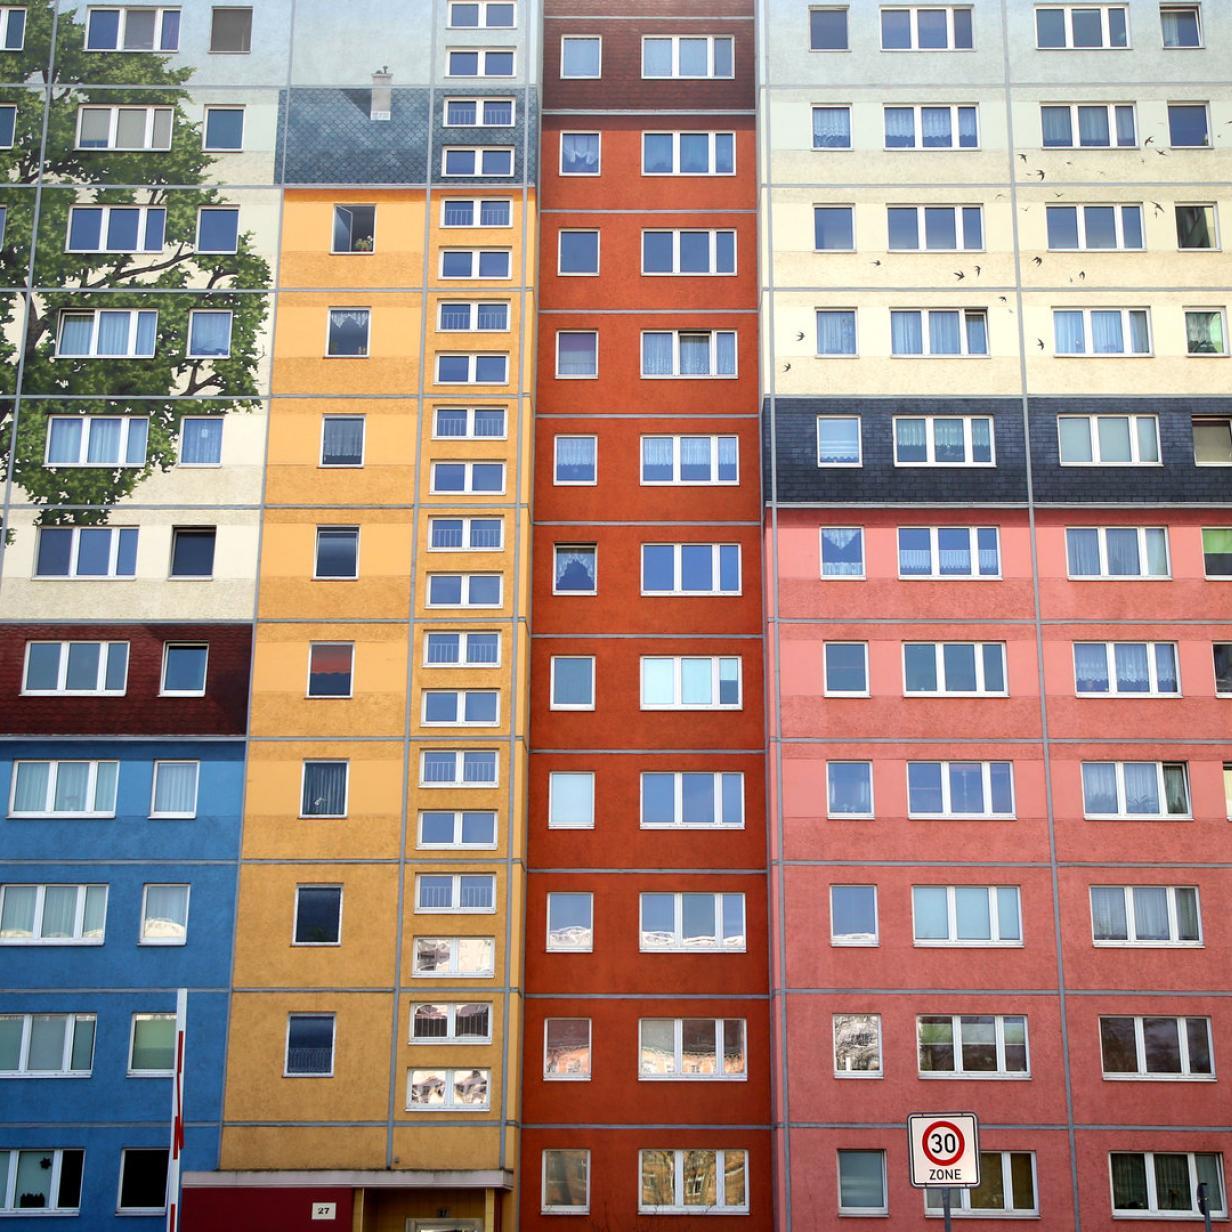 Inflation sank zuletzt auf 1,2 Prozent - Wohnen aber teurer